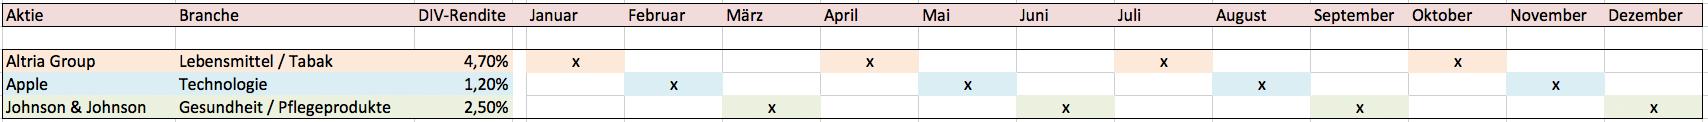 Mit 3 Aktien jeden Monat Dividende erhalten (Paket 2)